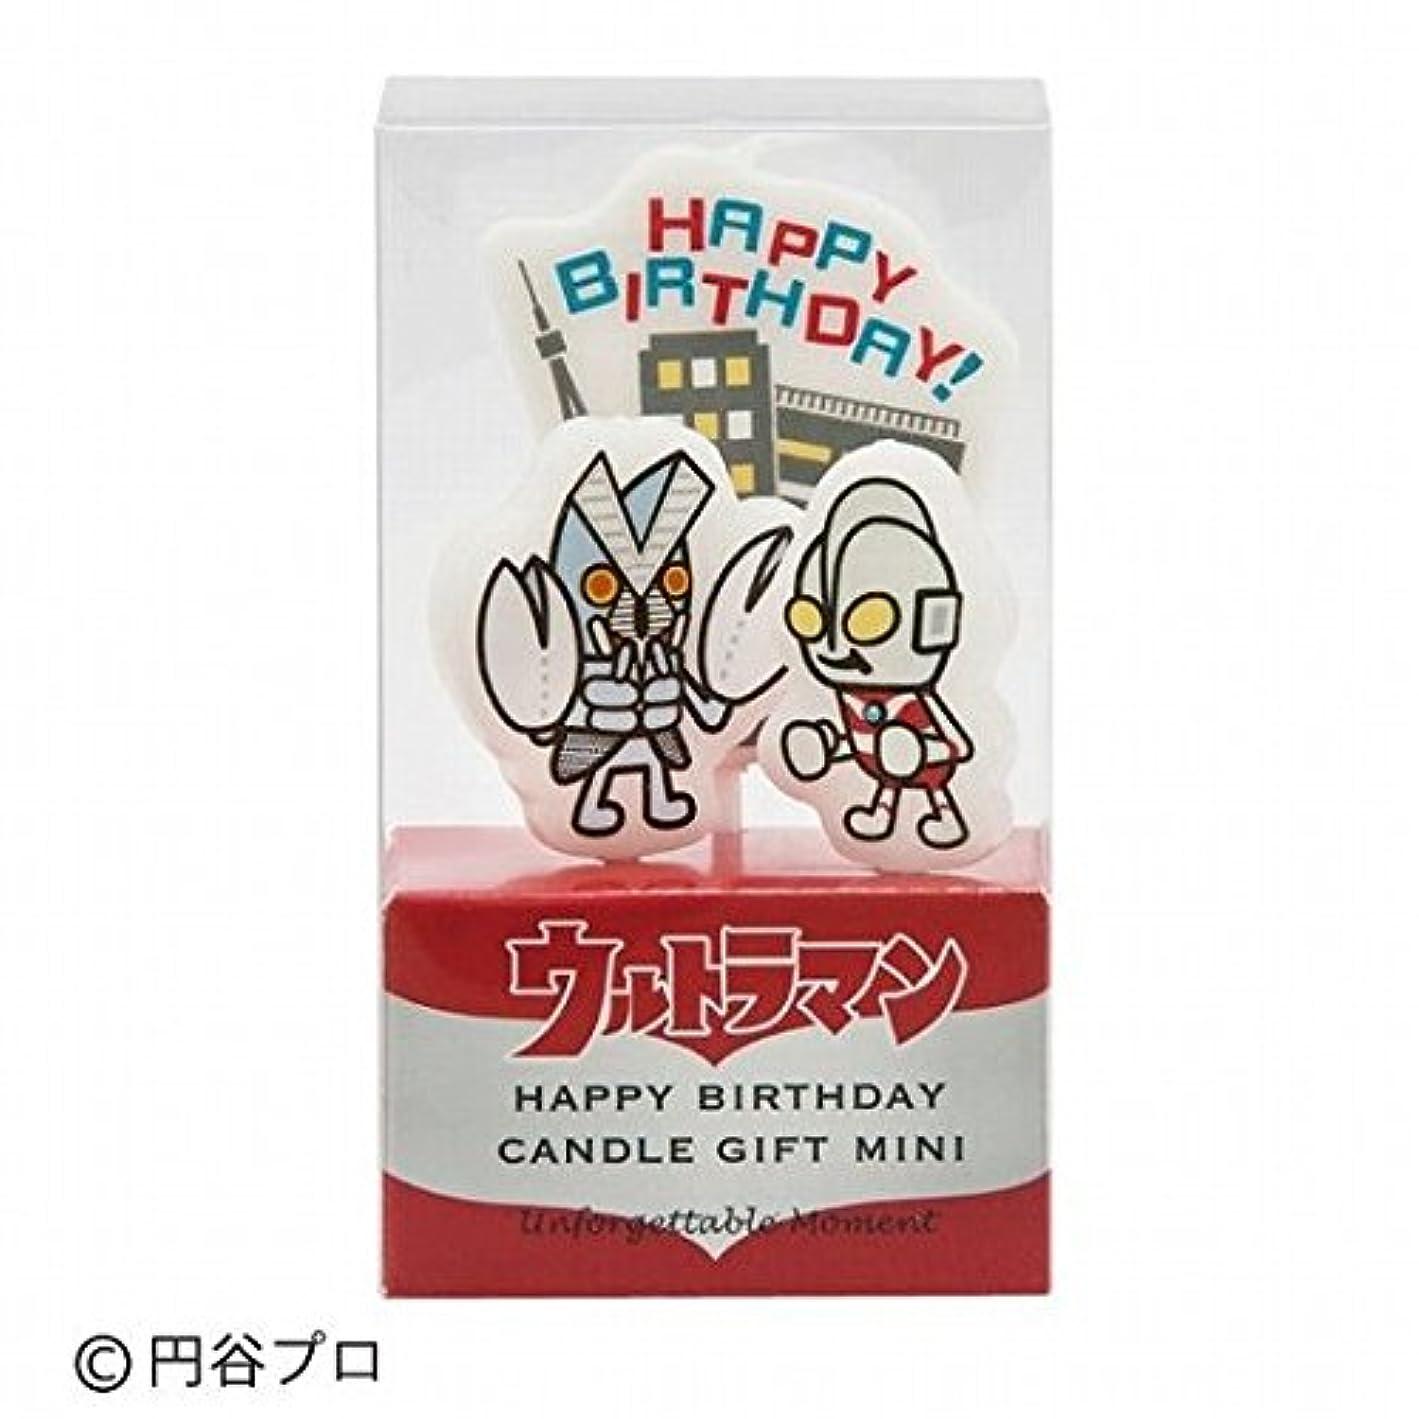 震え日帰り旅行に動機kameyama candle(カメヤマキャンドル) ウルトラマンキャンドルギフトミニ 「 ハッピーバースデー 」(55360060)